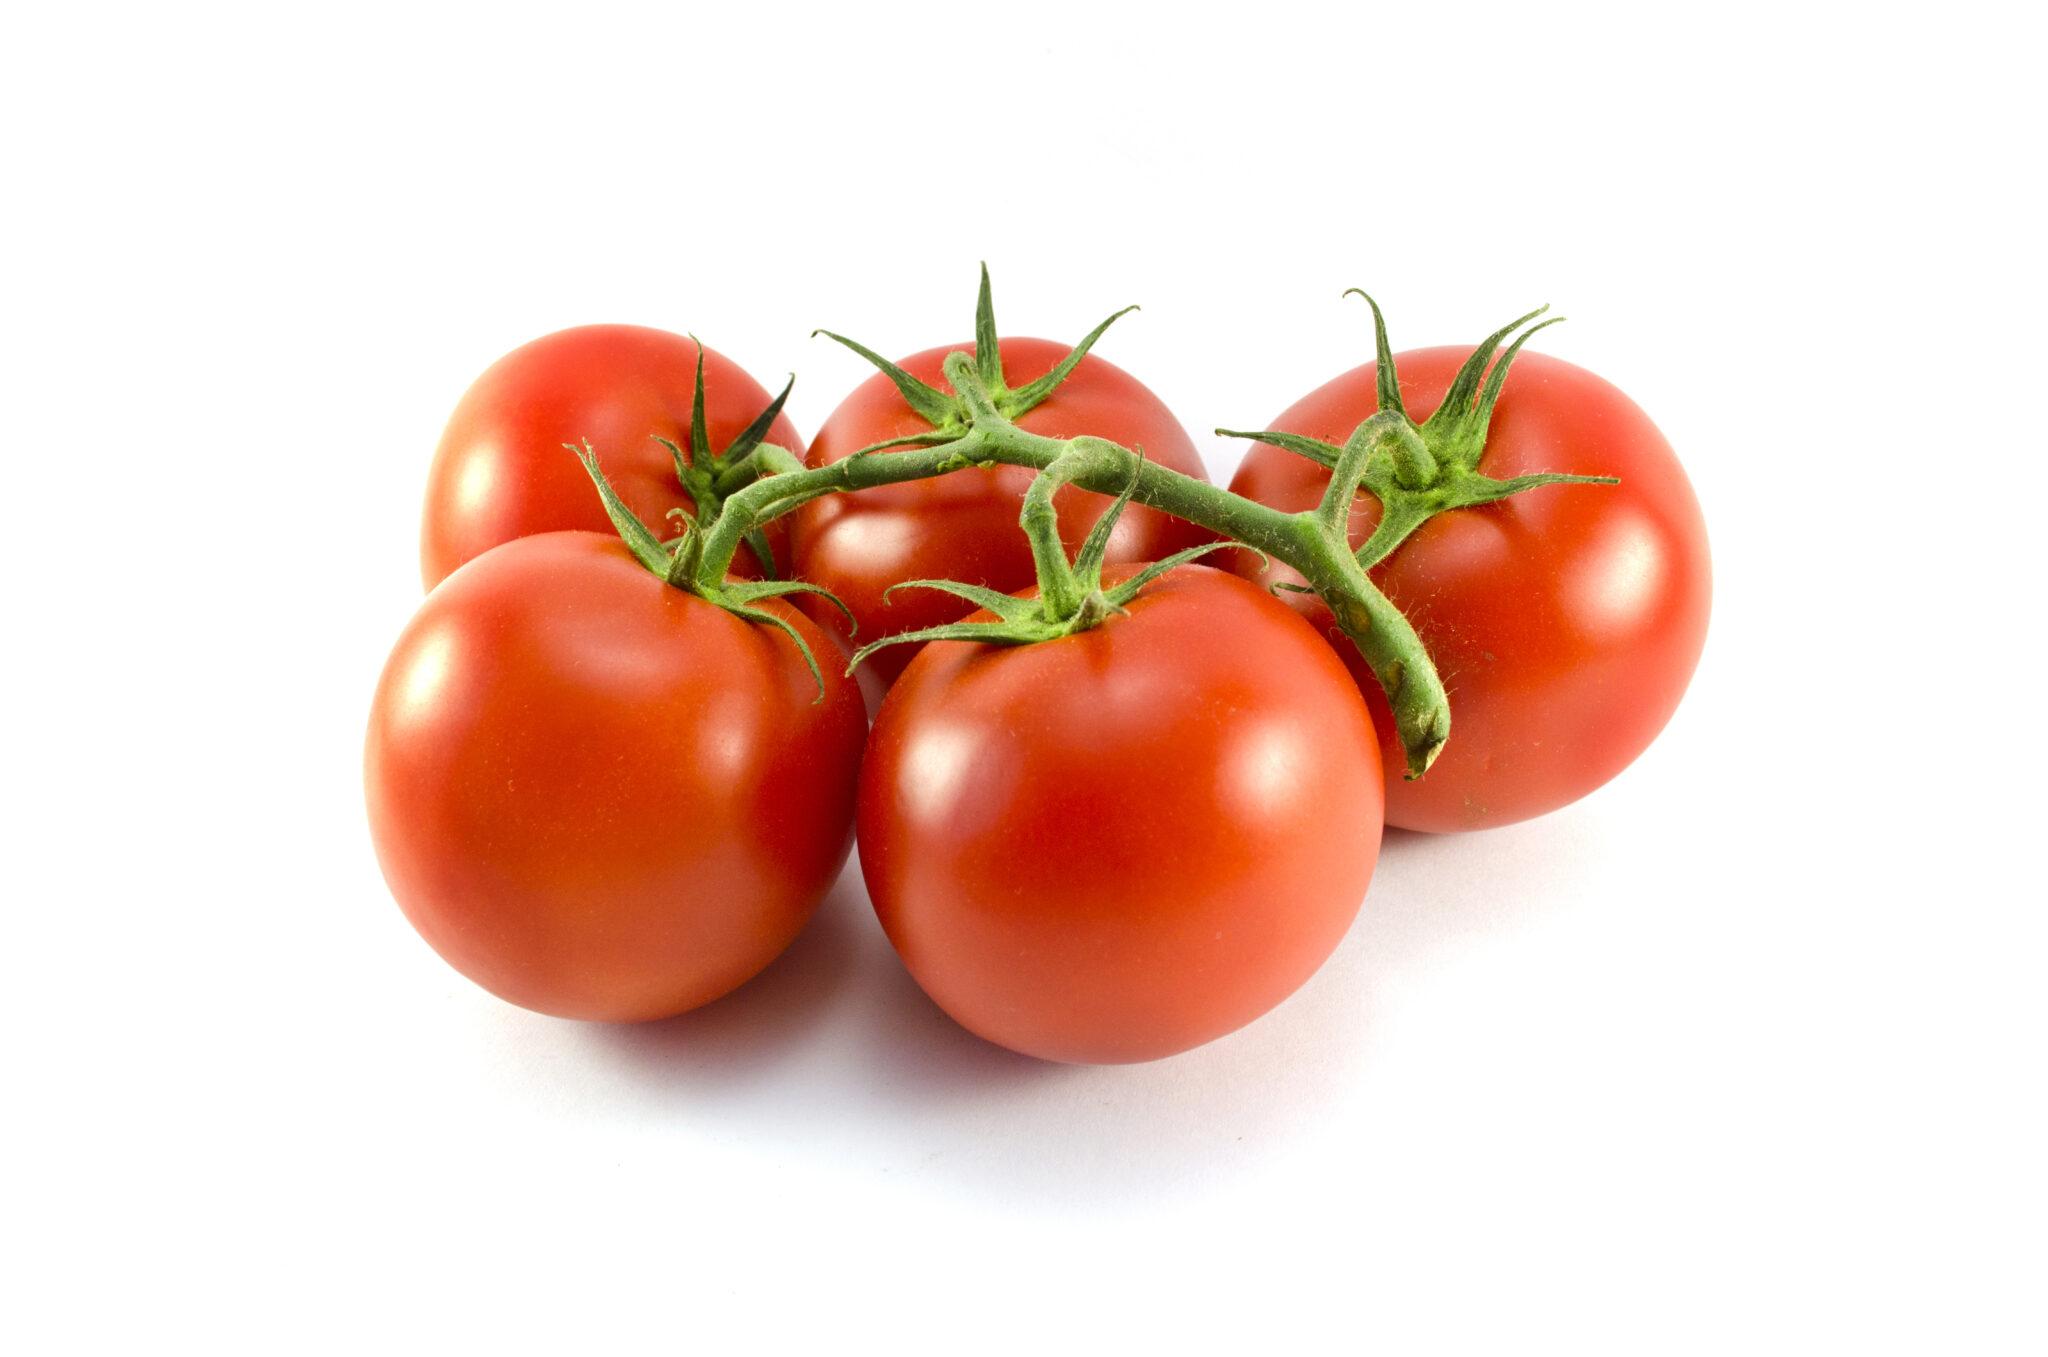 Kleine tros tomaten